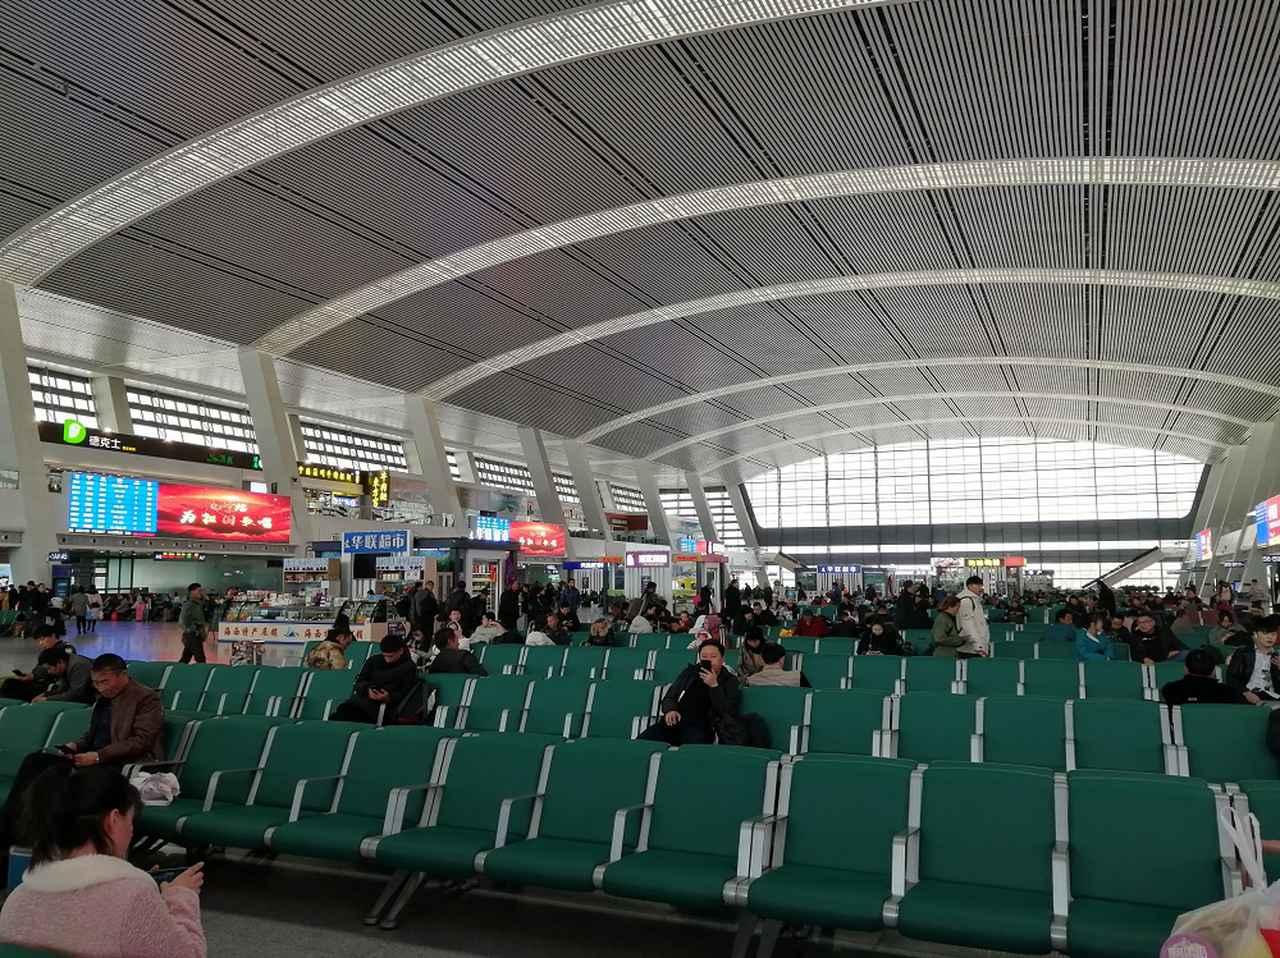 画像: 西寧駅の広大な待合室。両サイドには改札と土産物店があります。チベット土産もここで買えます、種類も豊富。約21時間の列車旅に備え、水や食料品を十分に買っておきましょう。